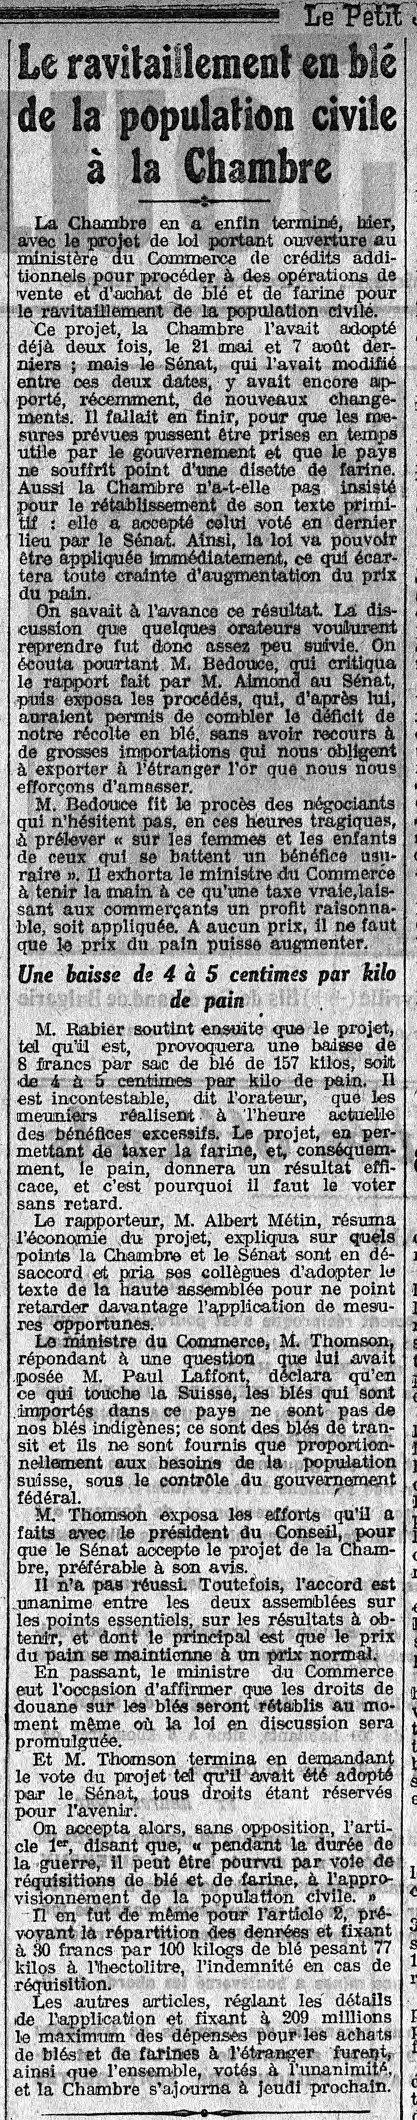 Reims 1914 1918 reims dans la grande guerre page 4 for Le miroir de la disette